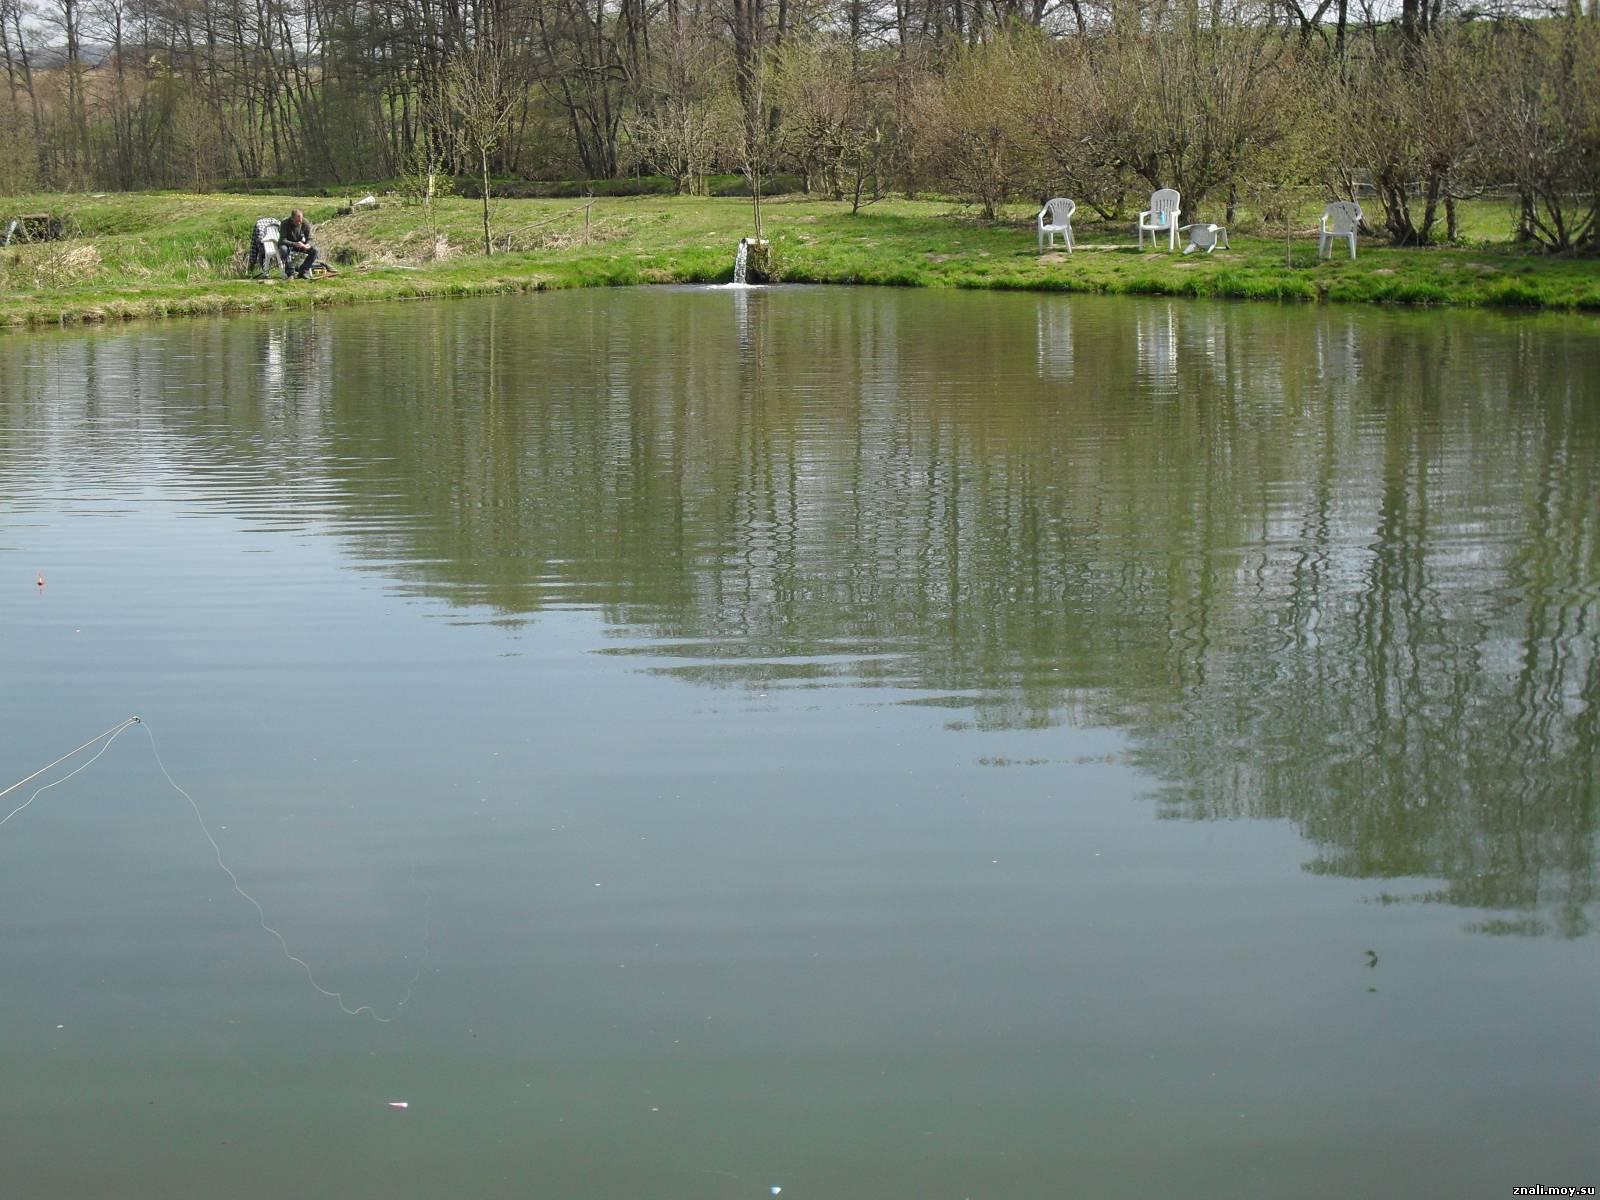 Как организовать пруд для платной рыбалки? Пошаговый 20